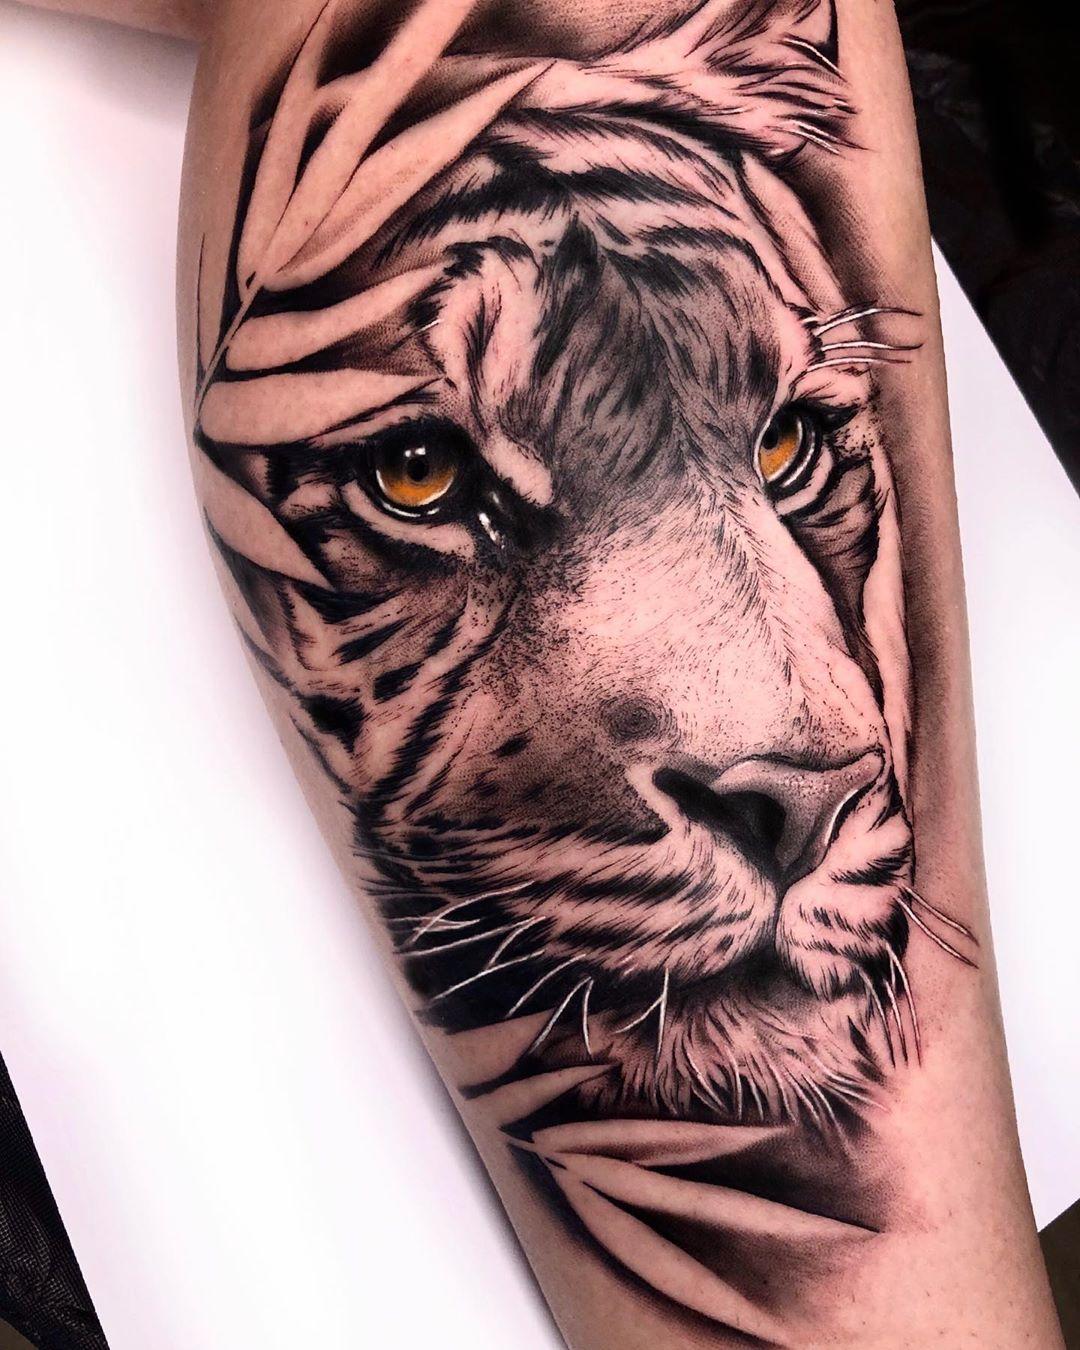 followforfollow,berlin,followmeciudadreal,ciudadreal,tomelloso,almagro,puertollano,tatuajesenpuertollano,tatuajesendaimiel,ciudadrealtattoo,cciudadrealtatuajes,tatuajesciudadreal,follow,ciudadrealtatuajes,puertollano,tattooers,besttattooers,juantabasco,ciudadrealsetatua,ink,tatuajes,ink,inkedgirls